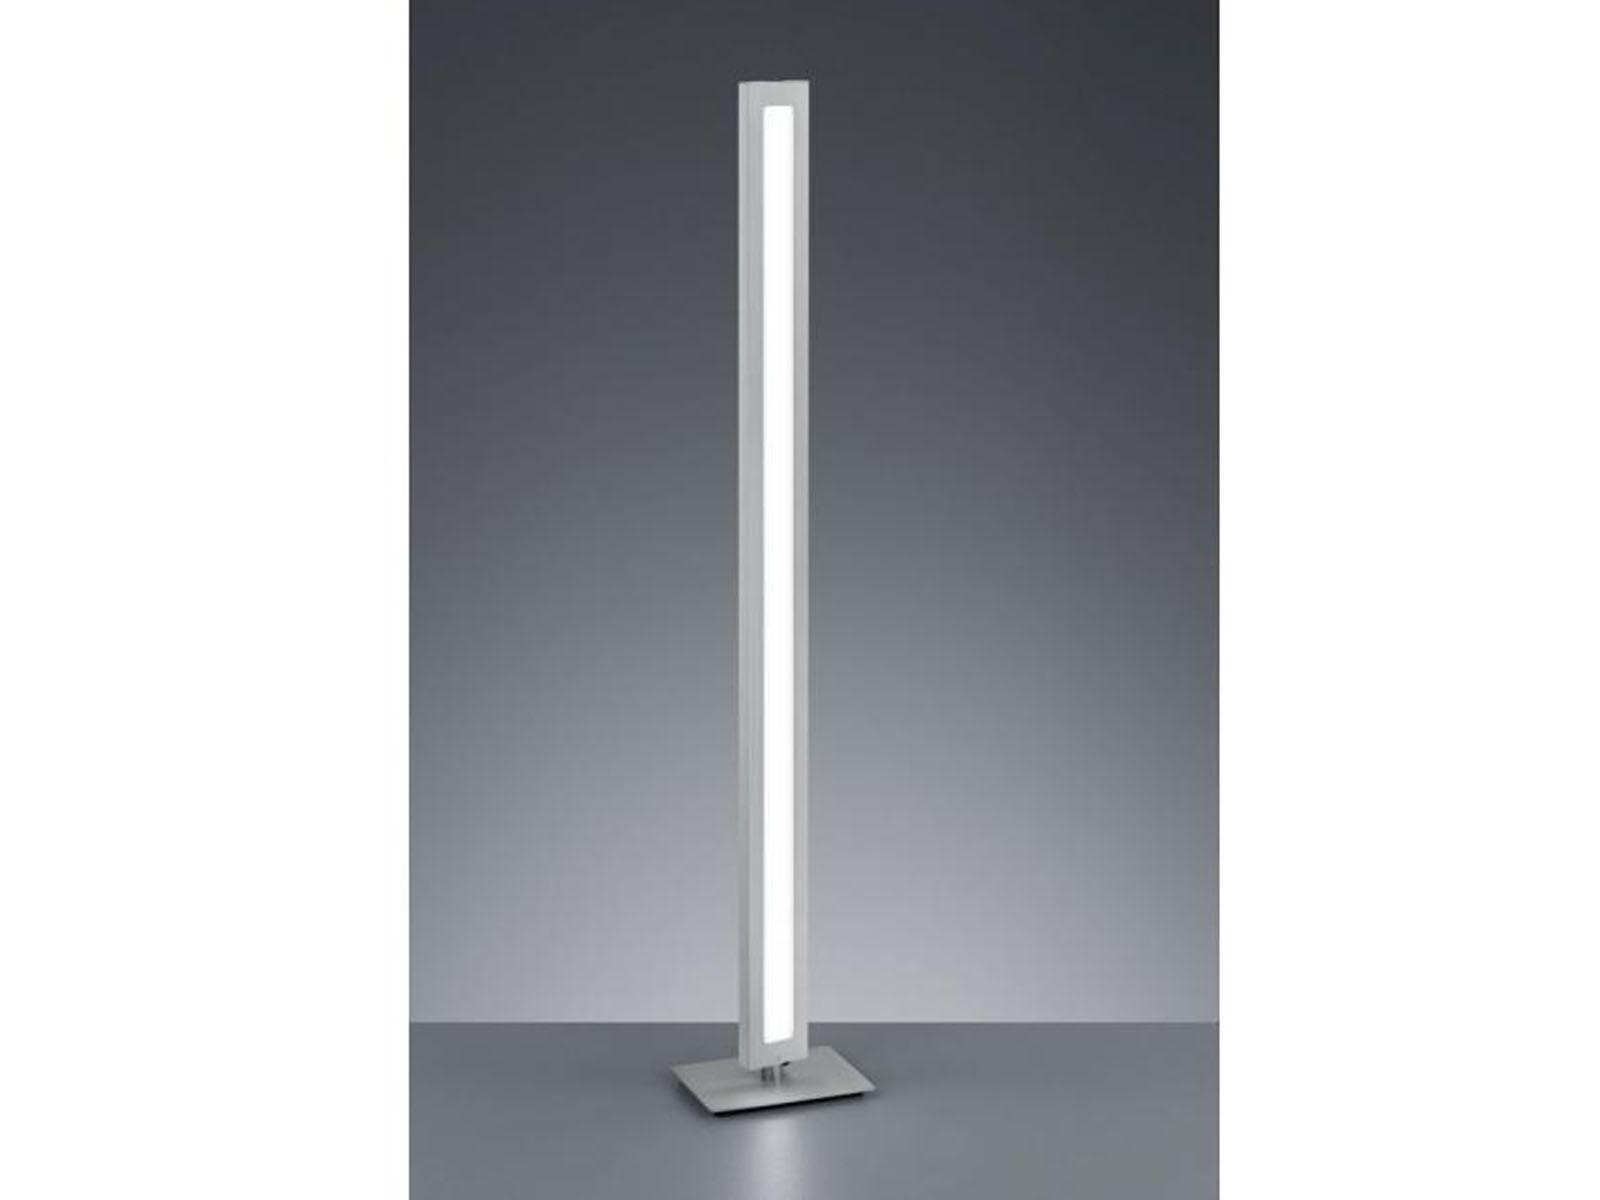 Trio Design Led Stehlampe Silas Mit Dimmer Wohnzimmerleuchte Standlampe Dimmbar Kaufen Bei Setpoint Deutschland Gmbh